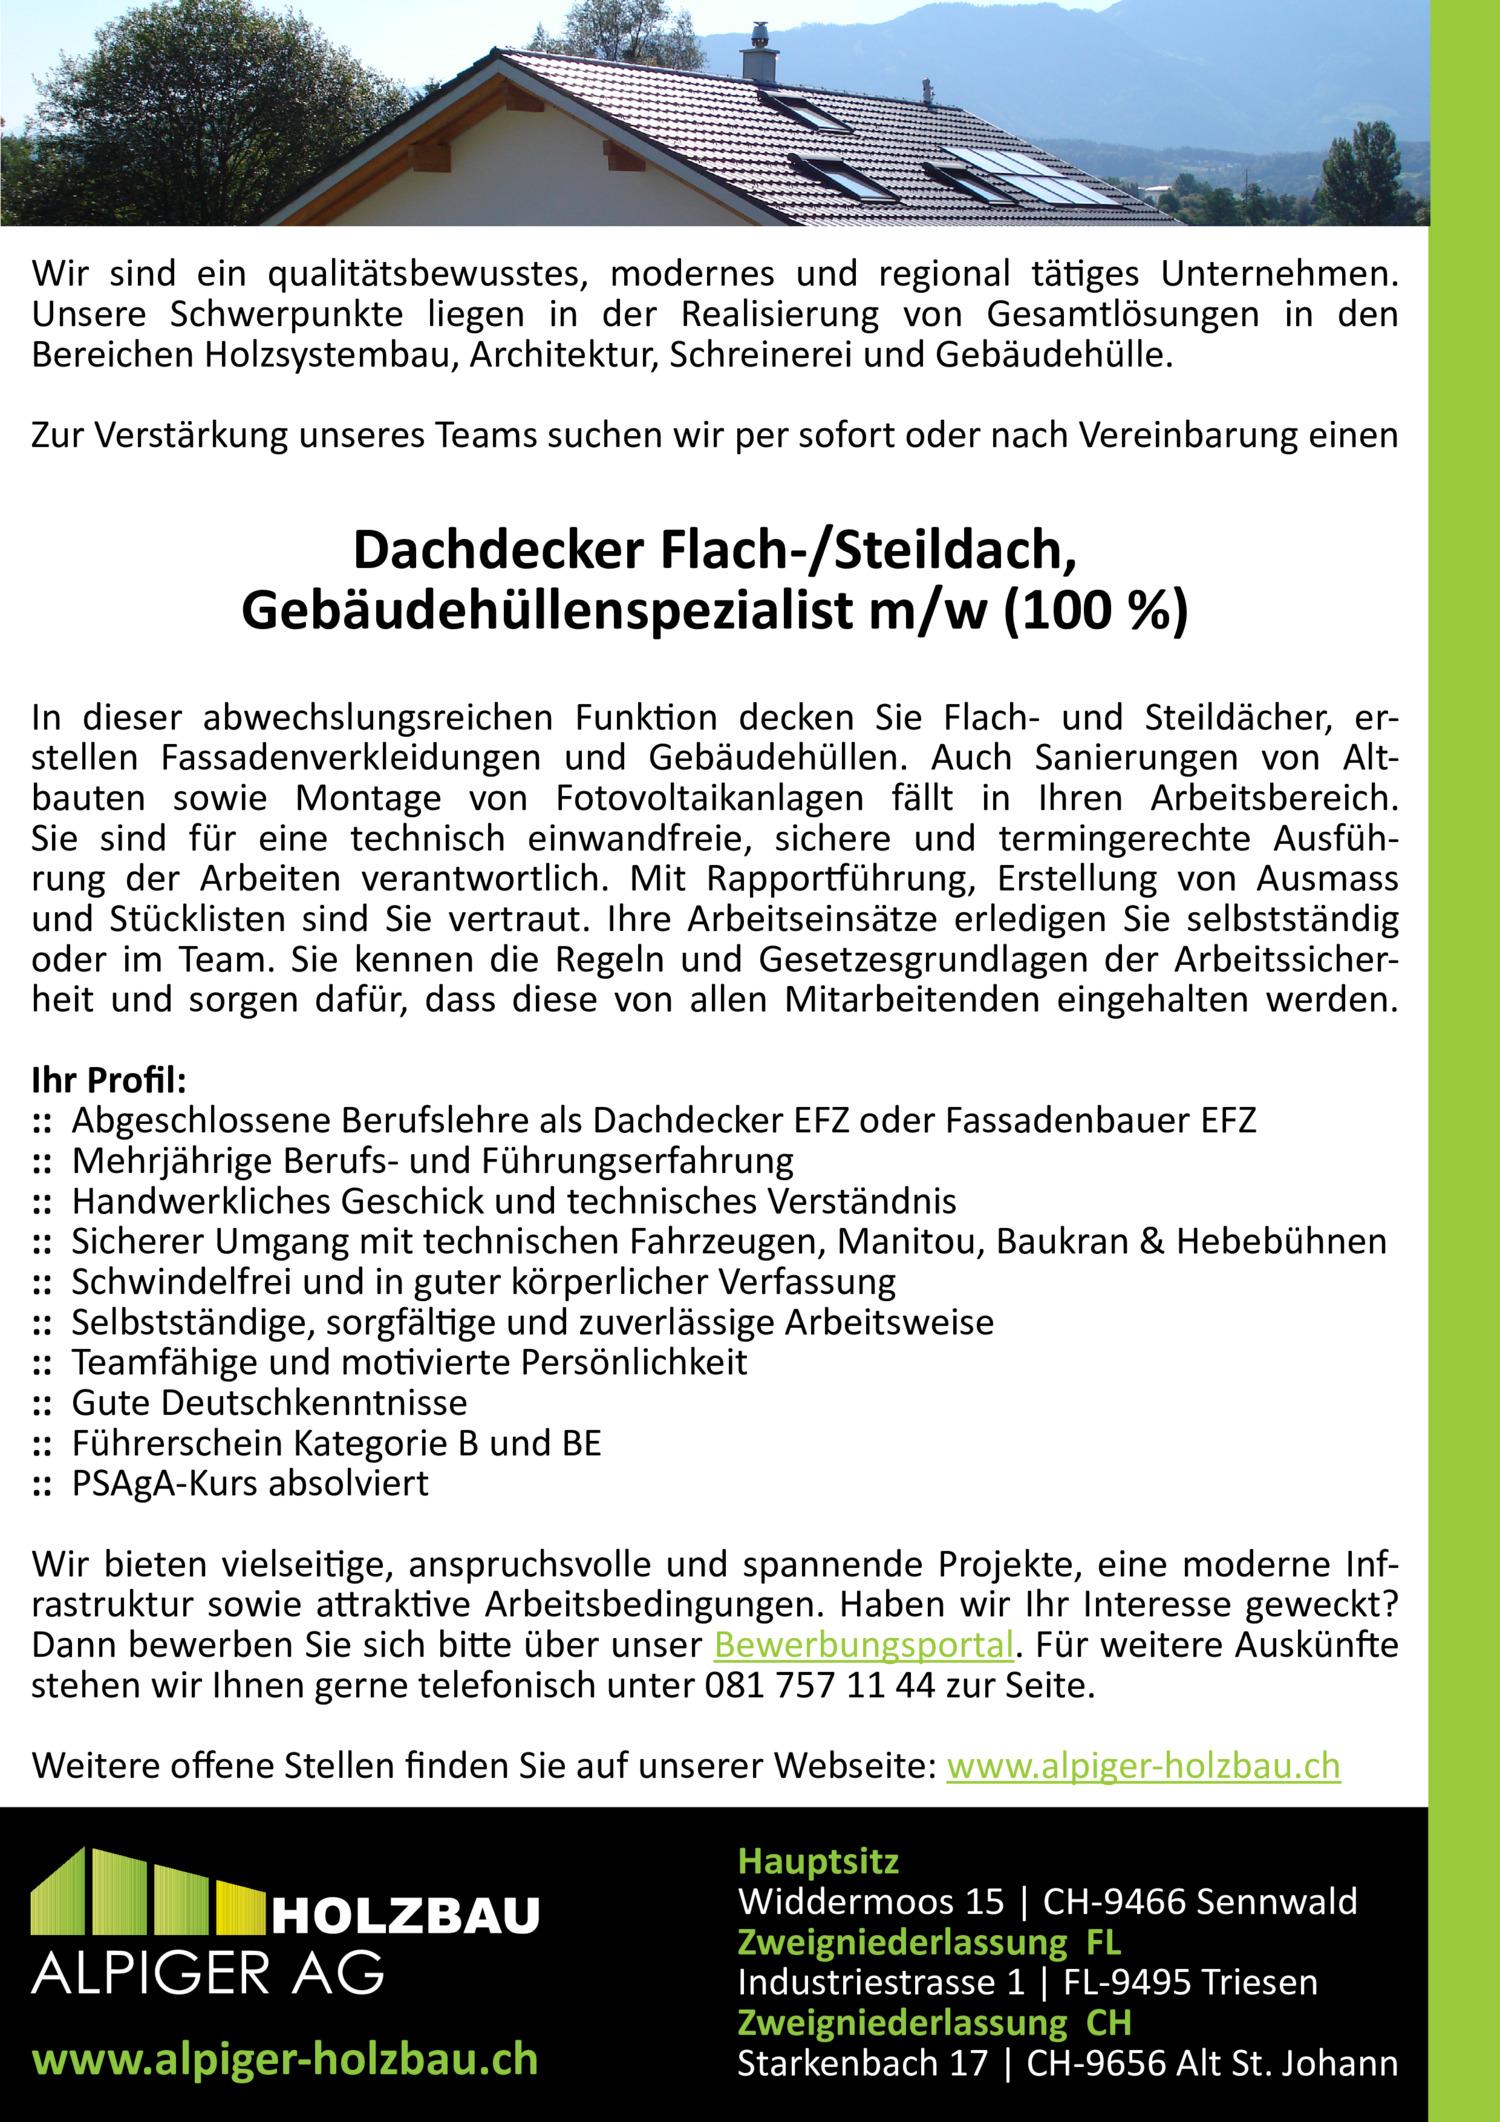 Inserat Dachdecker Flach-/Steildach, Gebäudehüllenspezialist (m/w) 100%